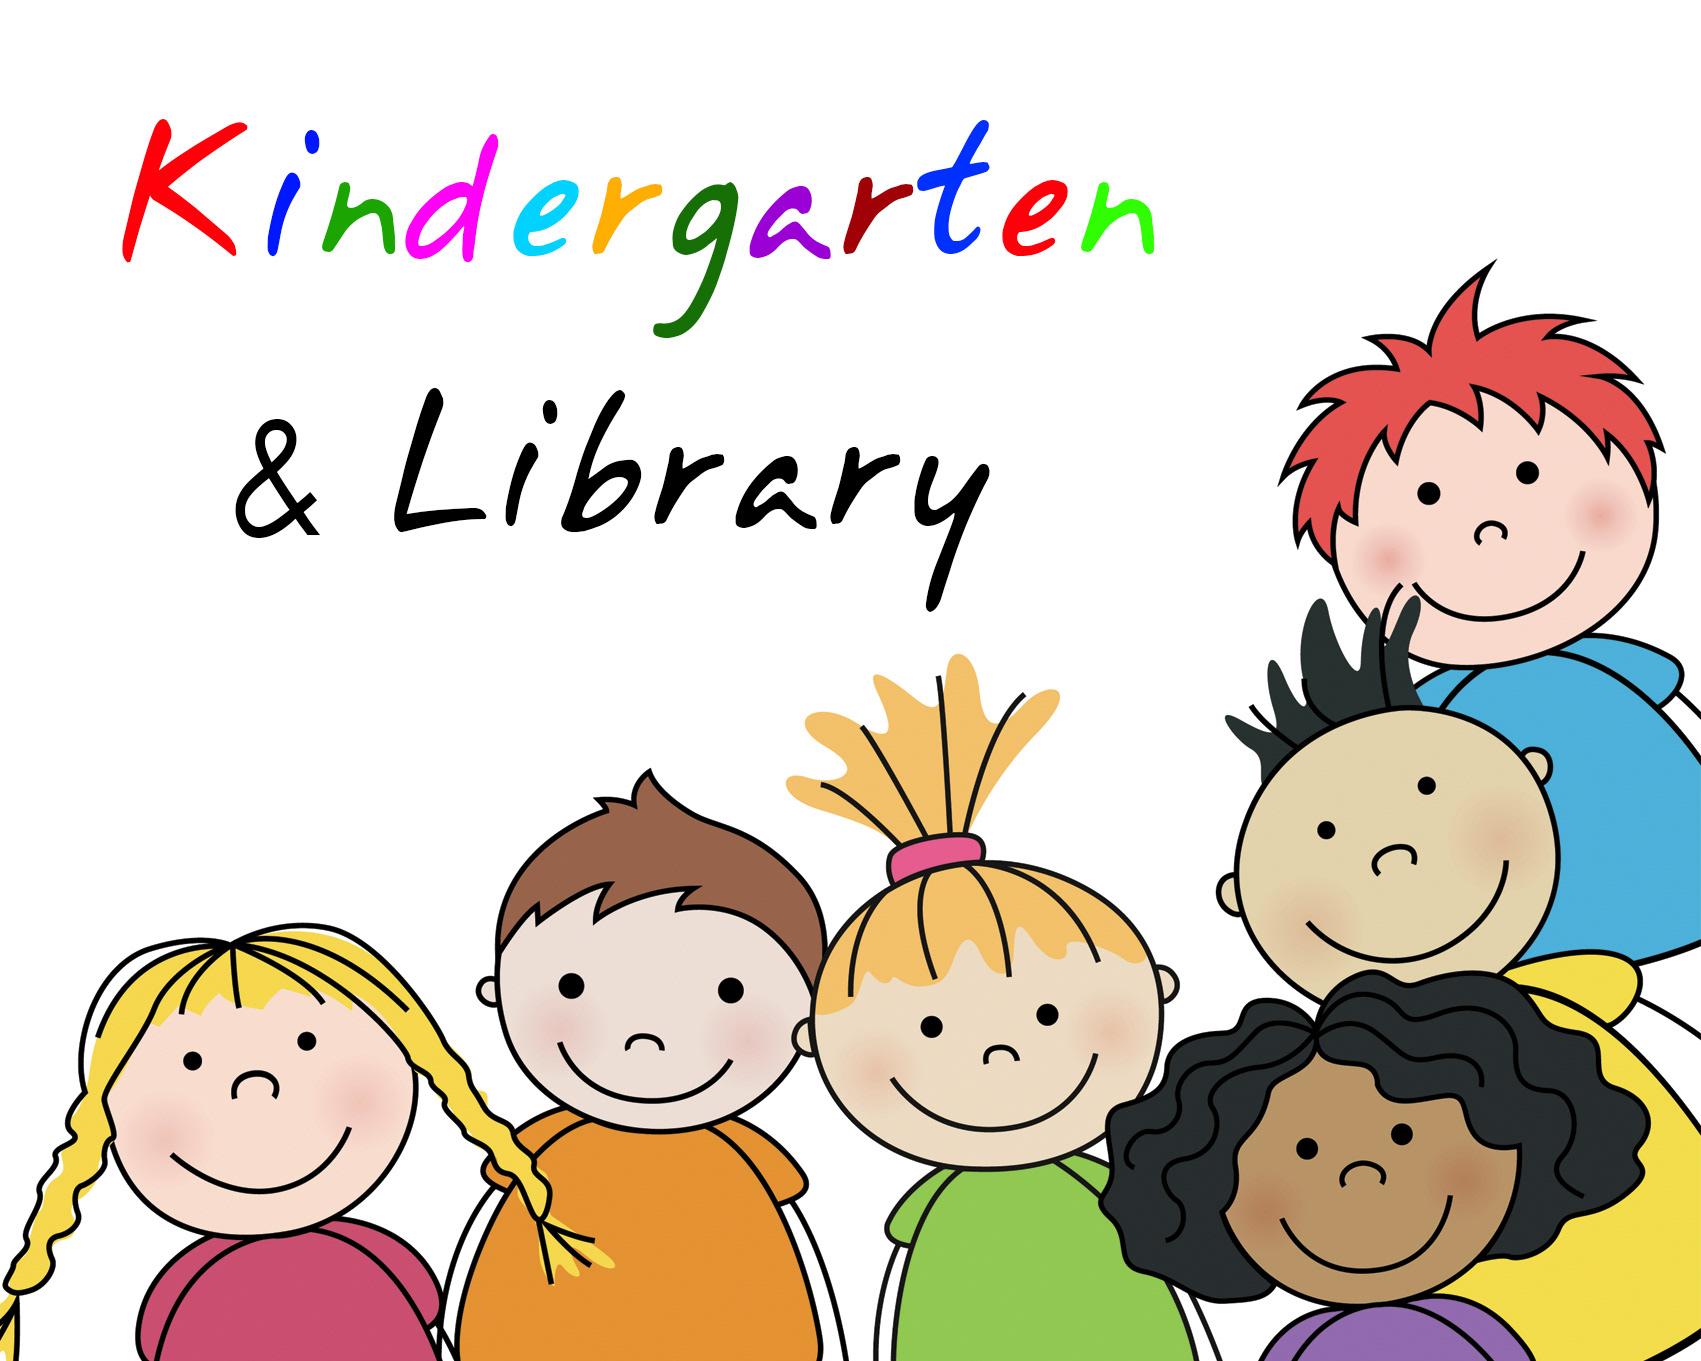 Kindergarten & Library